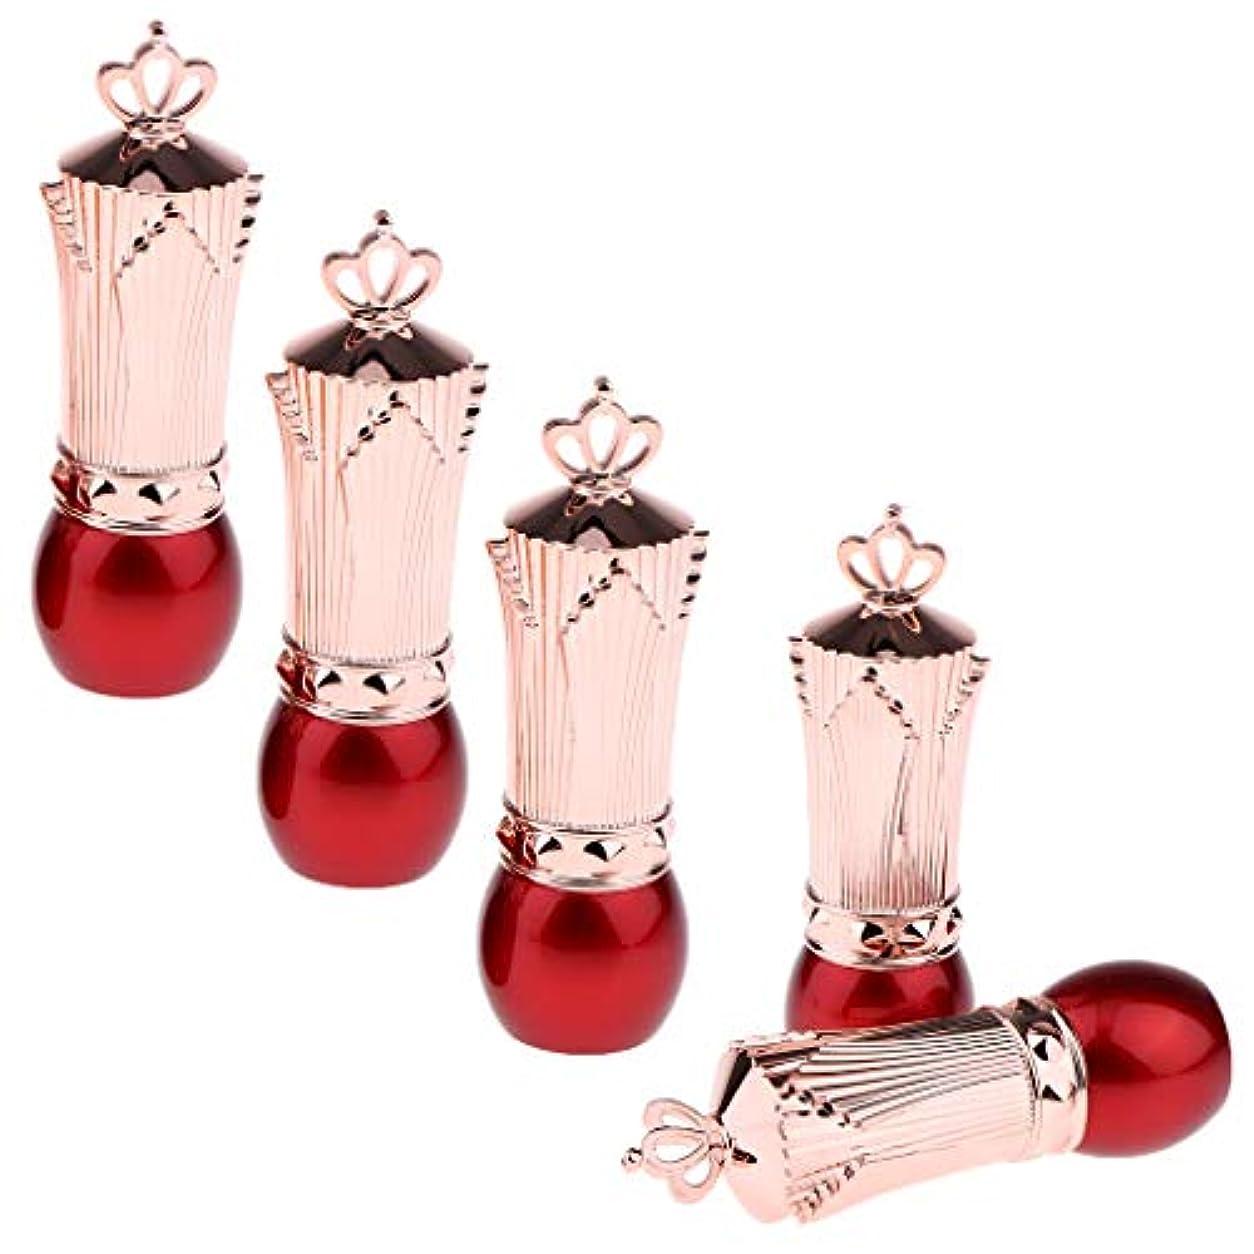 厳ミニチュアイサカCUTICATE 口紅チューブ 空 詰替え 口紅容器 リップクリーム管 リップクリームチューブ 5本 全2色 - 赤